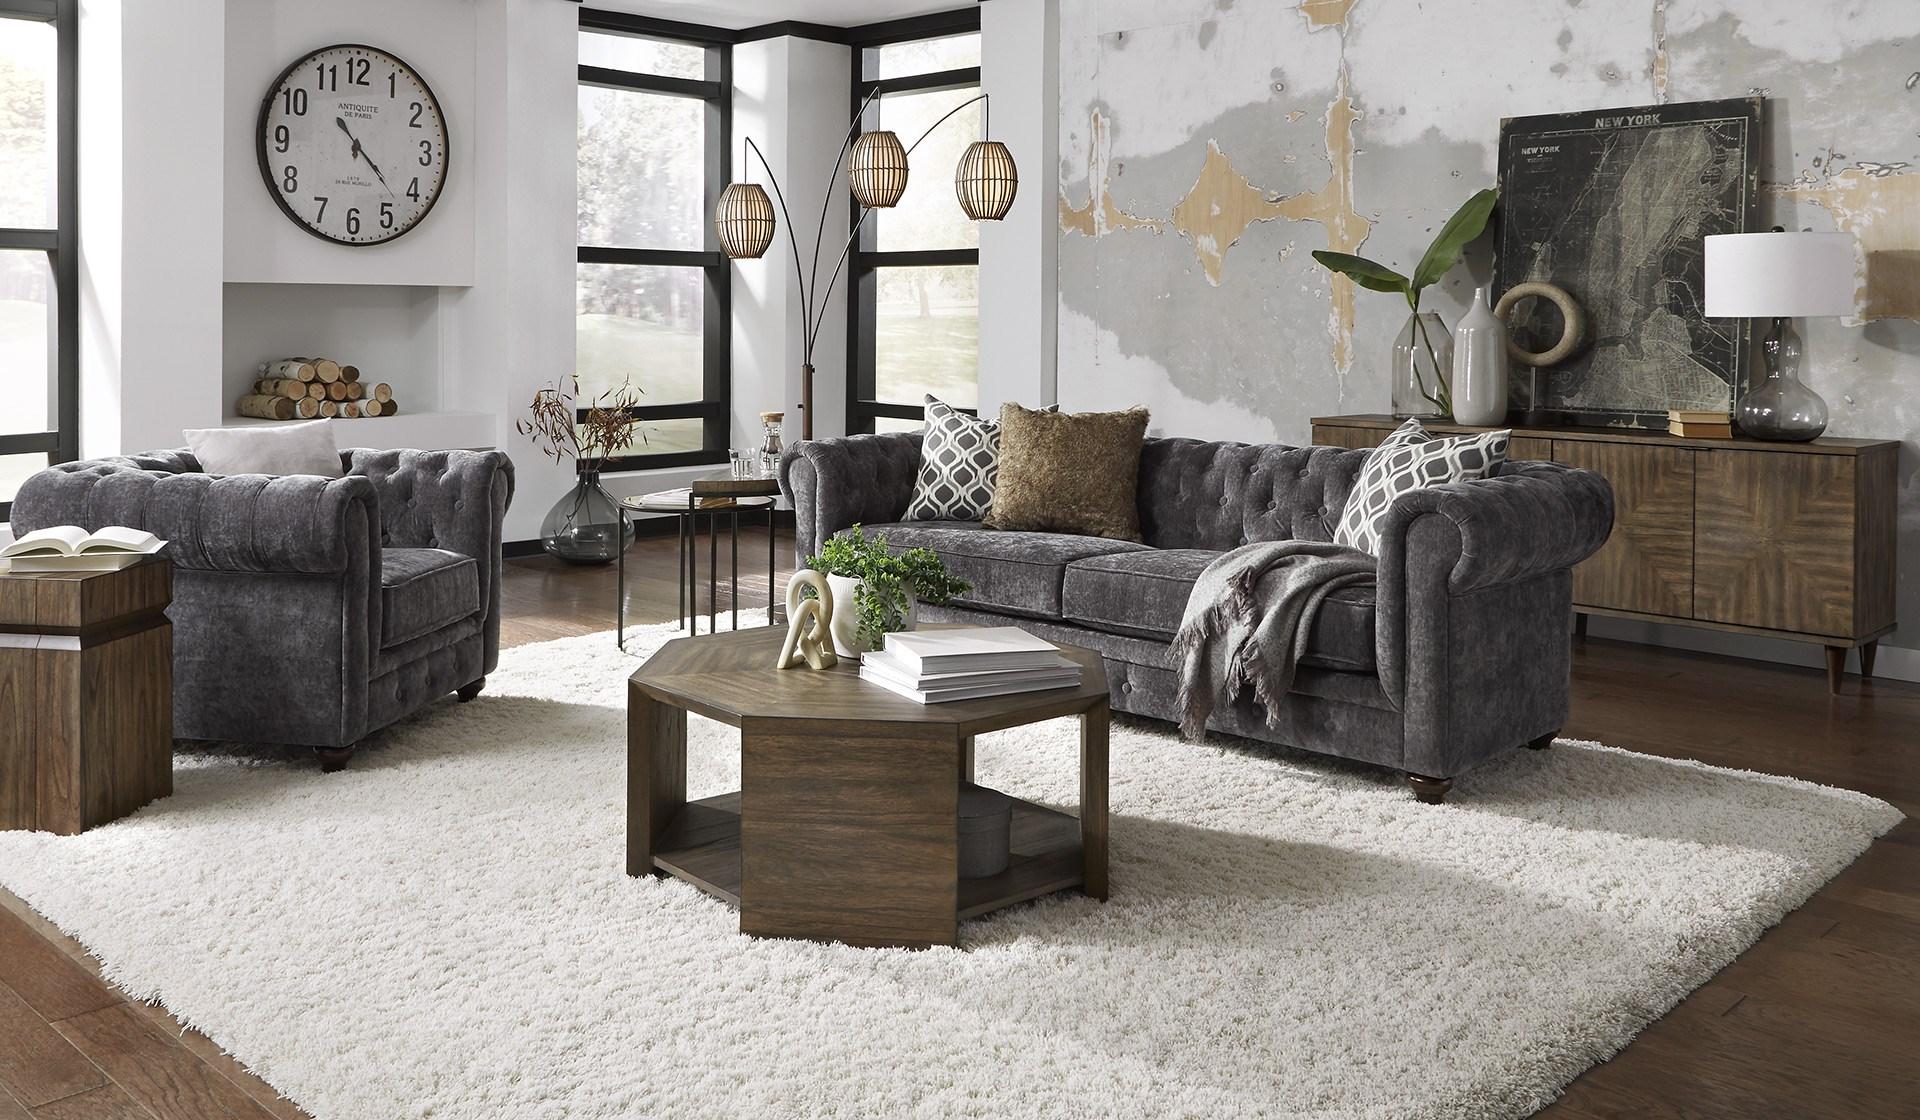 Napa Upholstery